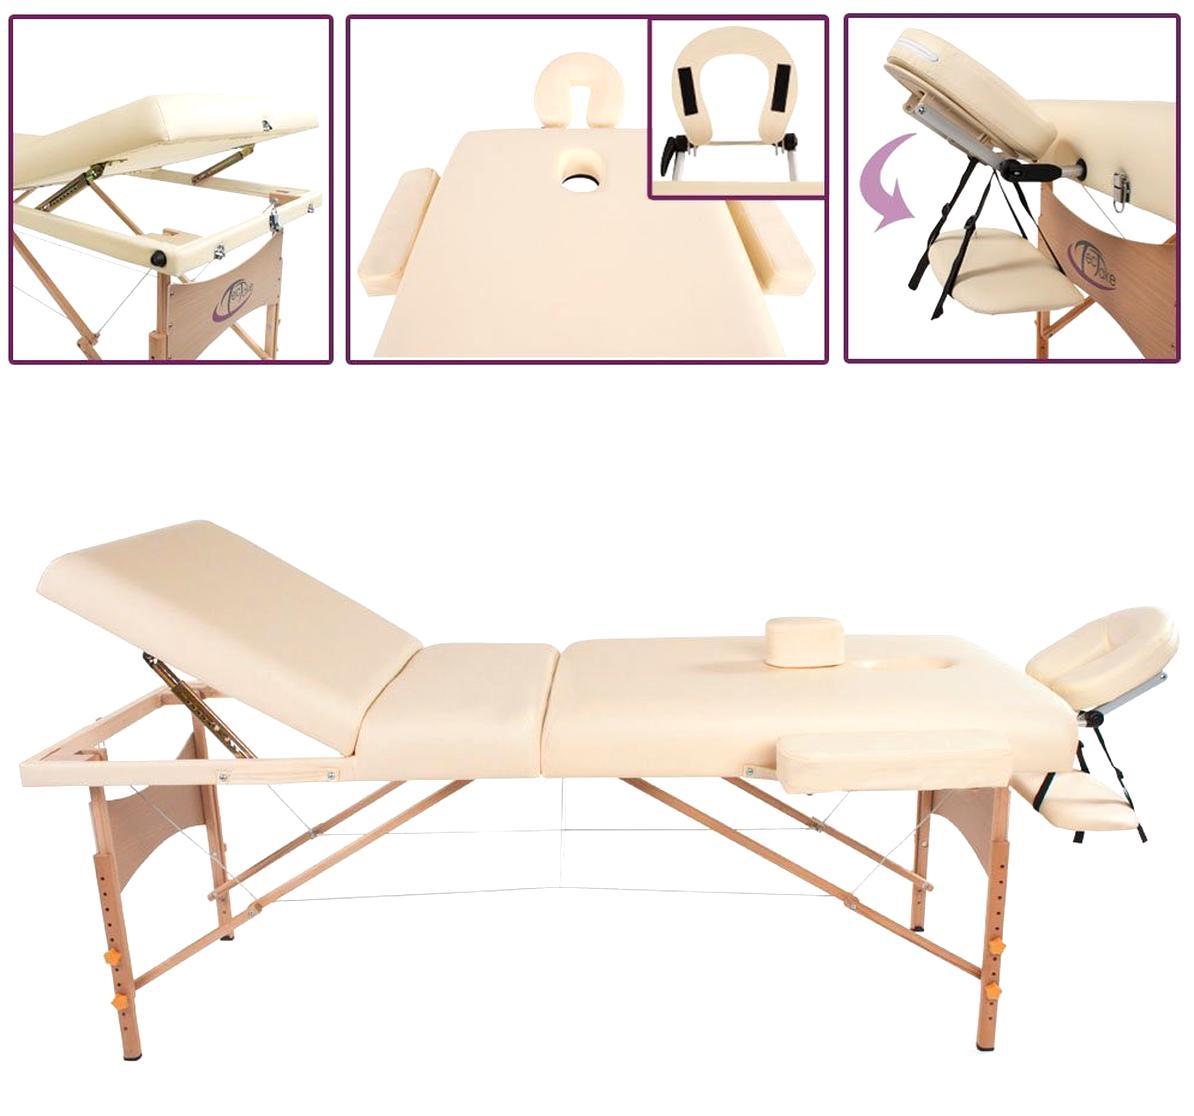 table massage pliante reflexologie d'occasion